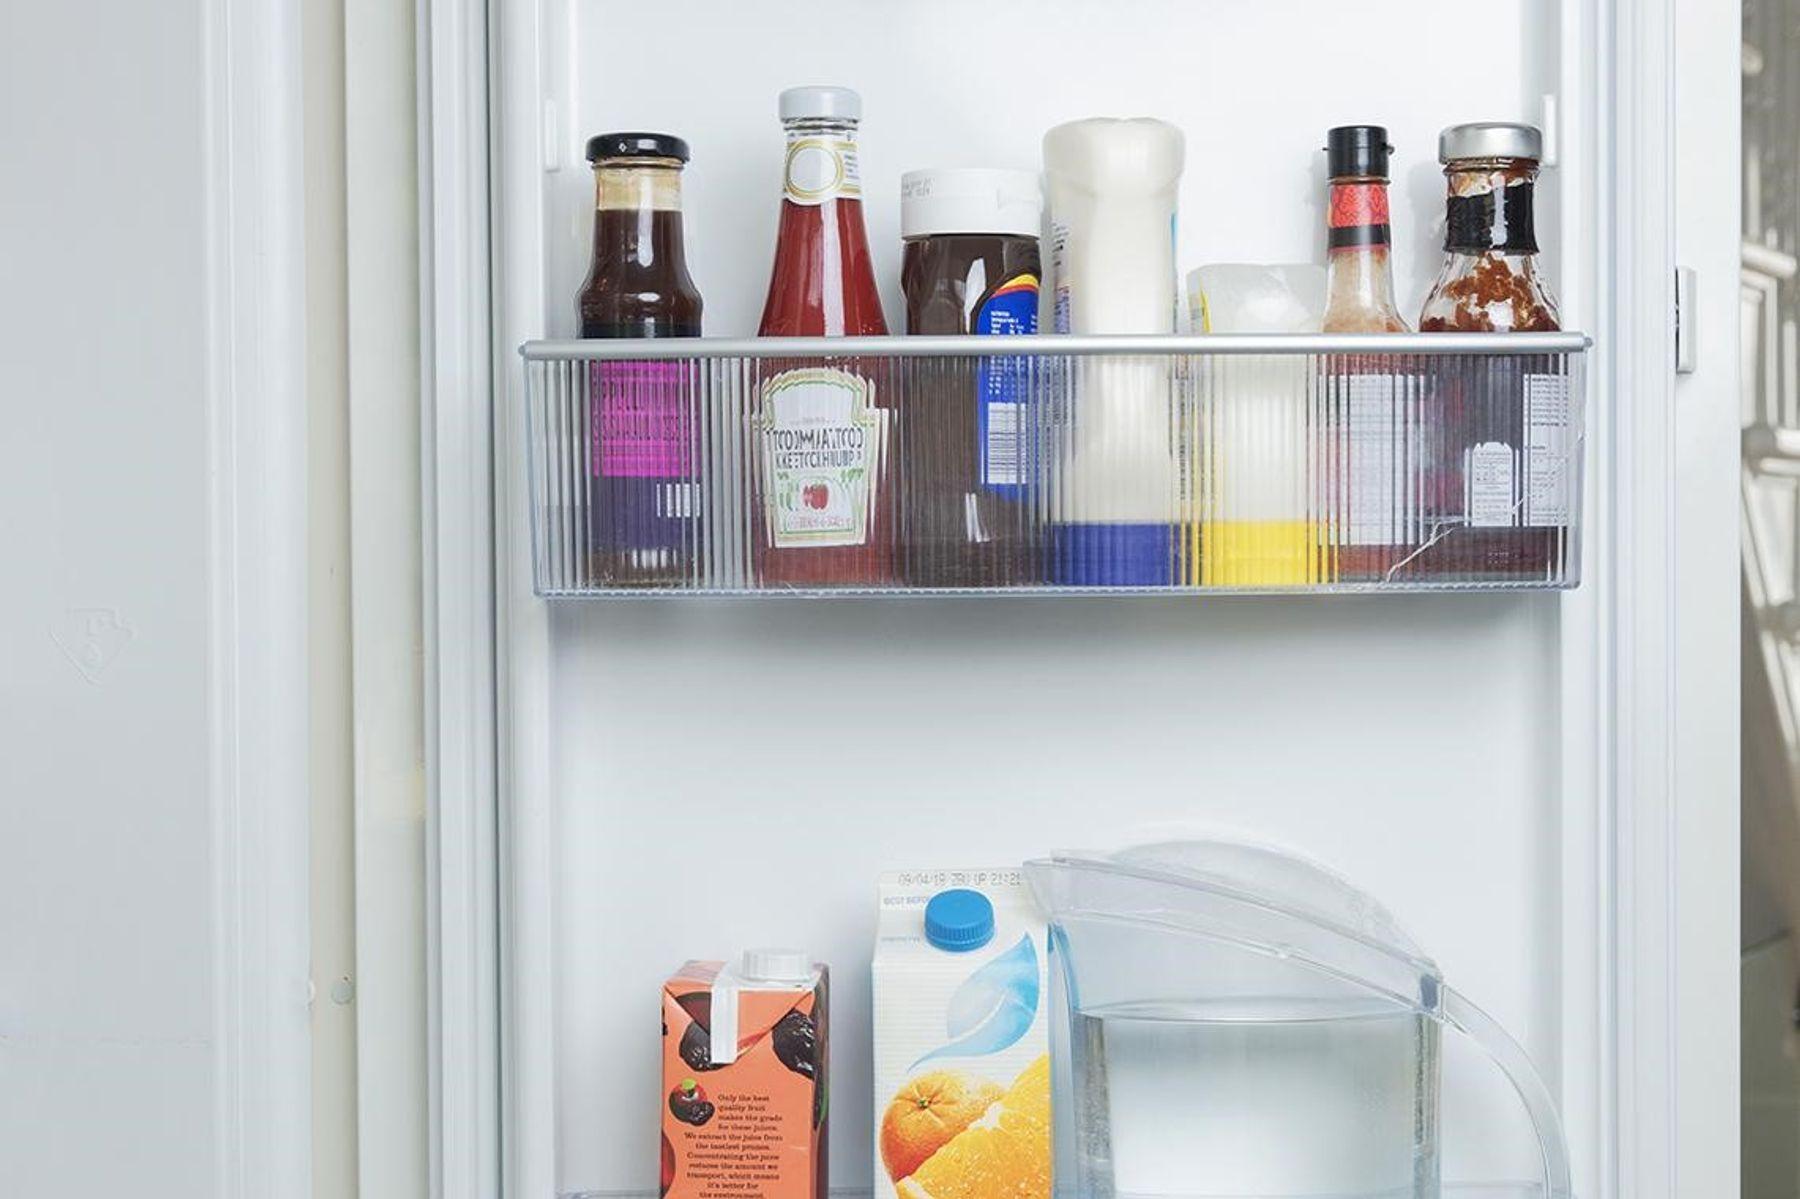 Step 4: porta de geladeira aberta com vários molhos, garrafa d'água e caixa de suco de laranja